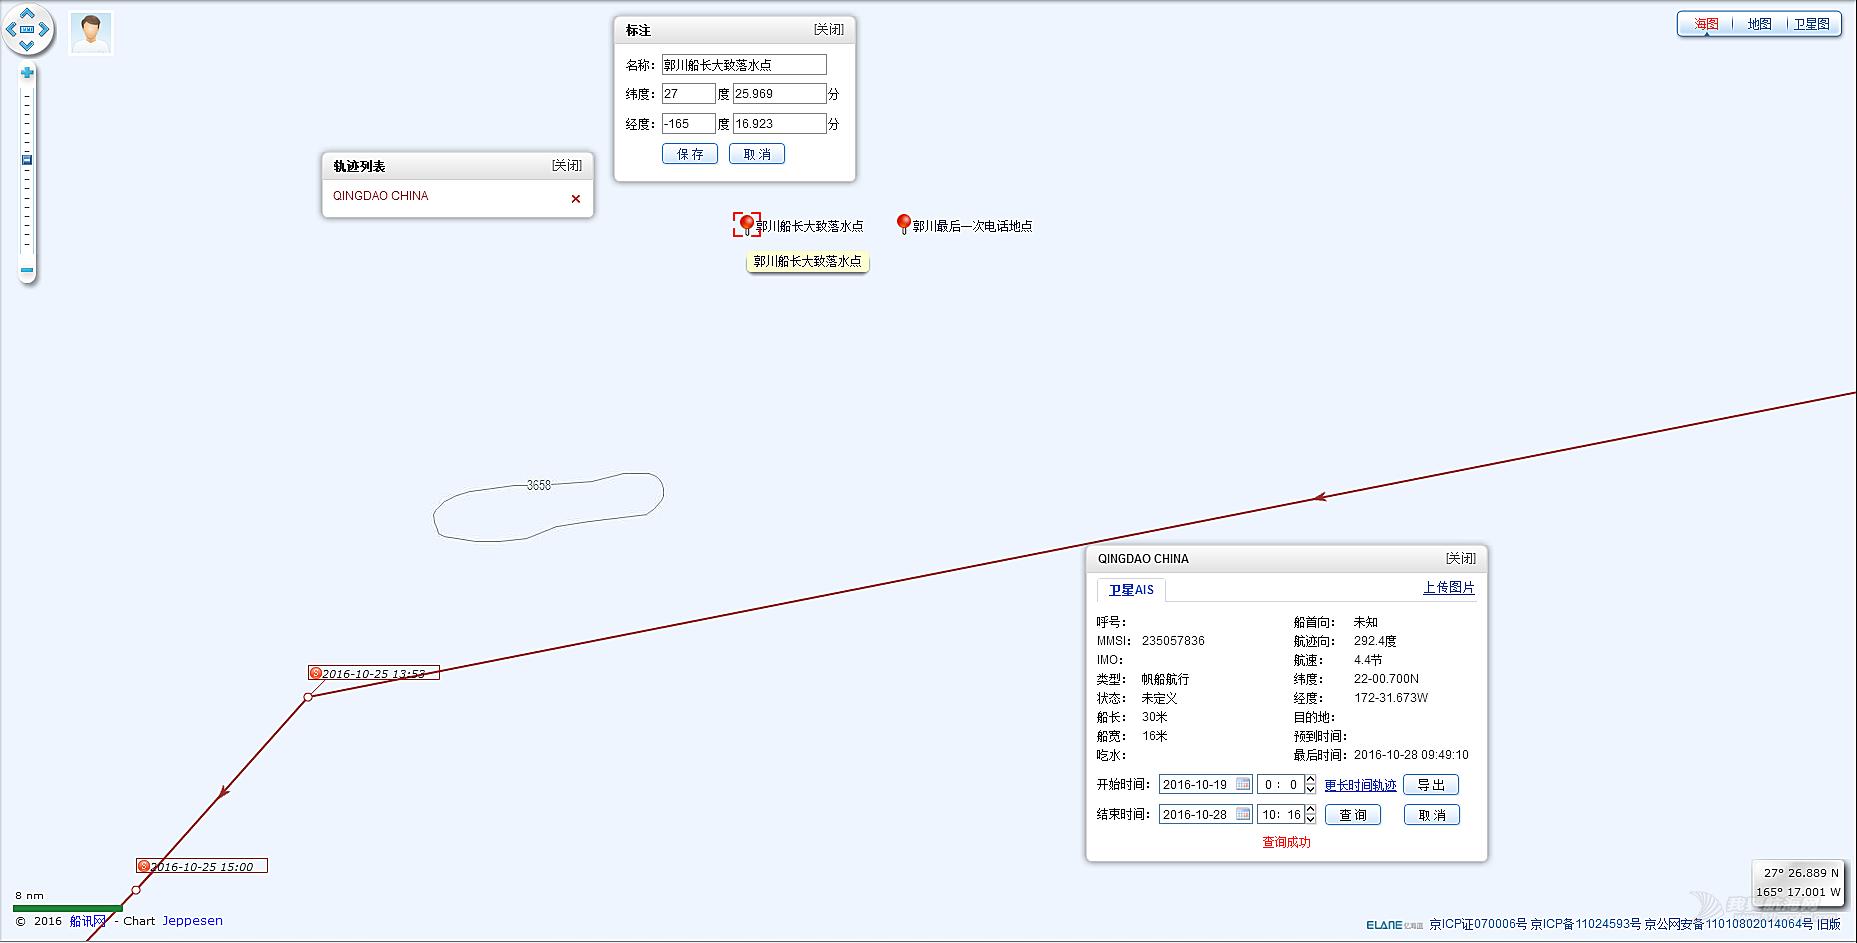 青岛号,郭川,郭川最后通话,横跨太平洋,超级大三体 郭川船长落水时间和地点分析